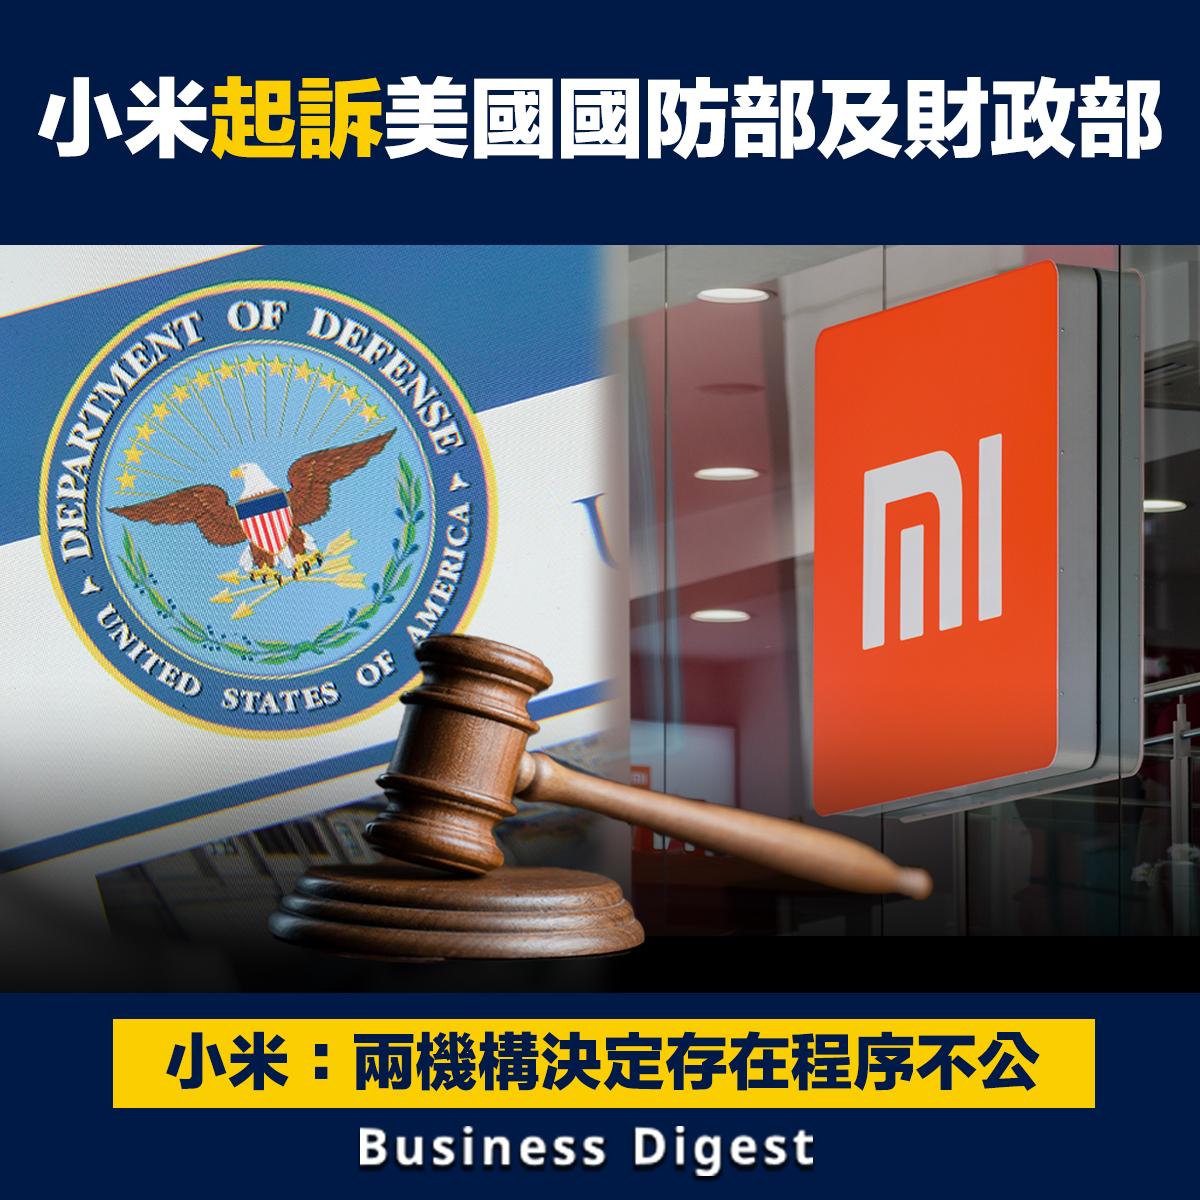 小米否認與中國軍方有聯繫,起訴美國國防部及財政部